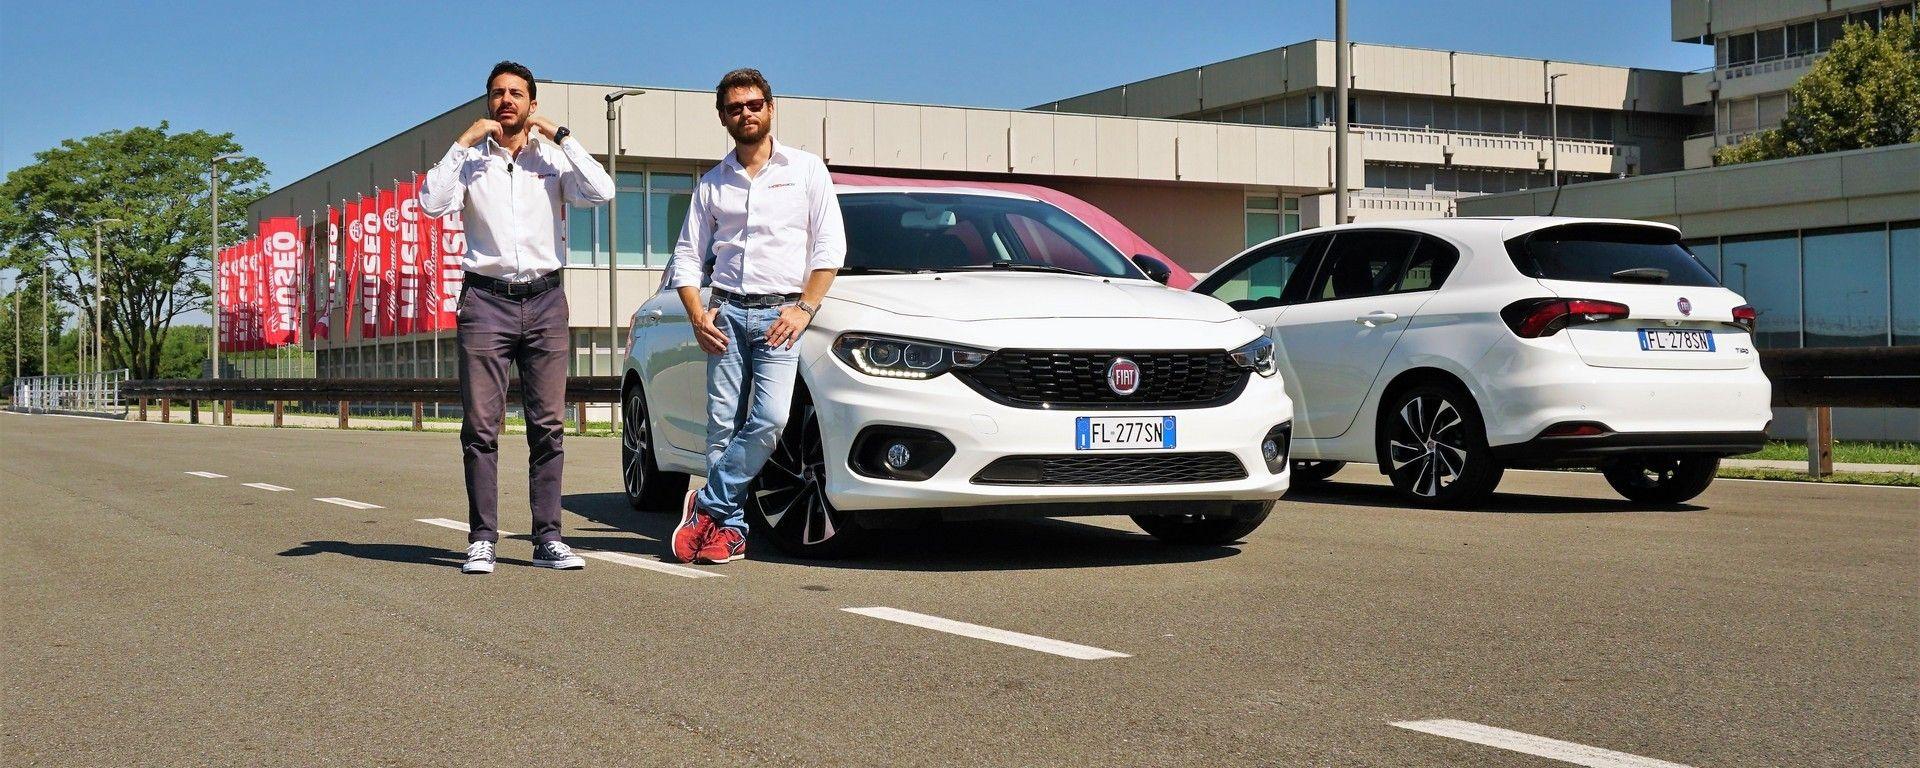 Fiat Tipo 1.6 diesel o Tipo 1.4 a benzina: quale scegliere? Vi aiutiamo noi